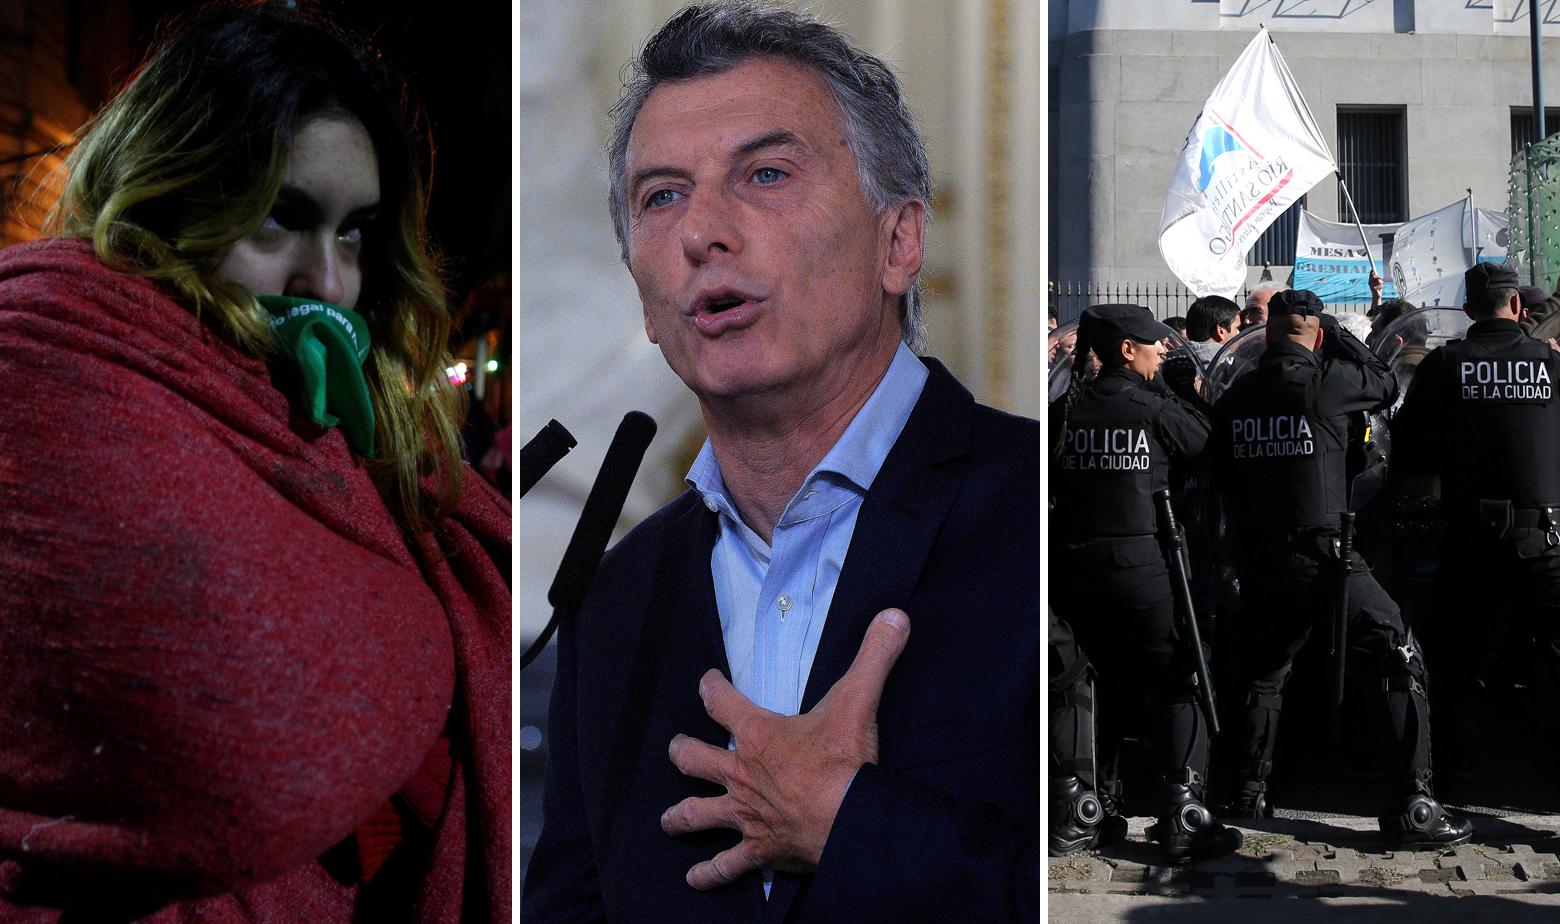 Scene iz Argentine, Maurcio Macri u sredini